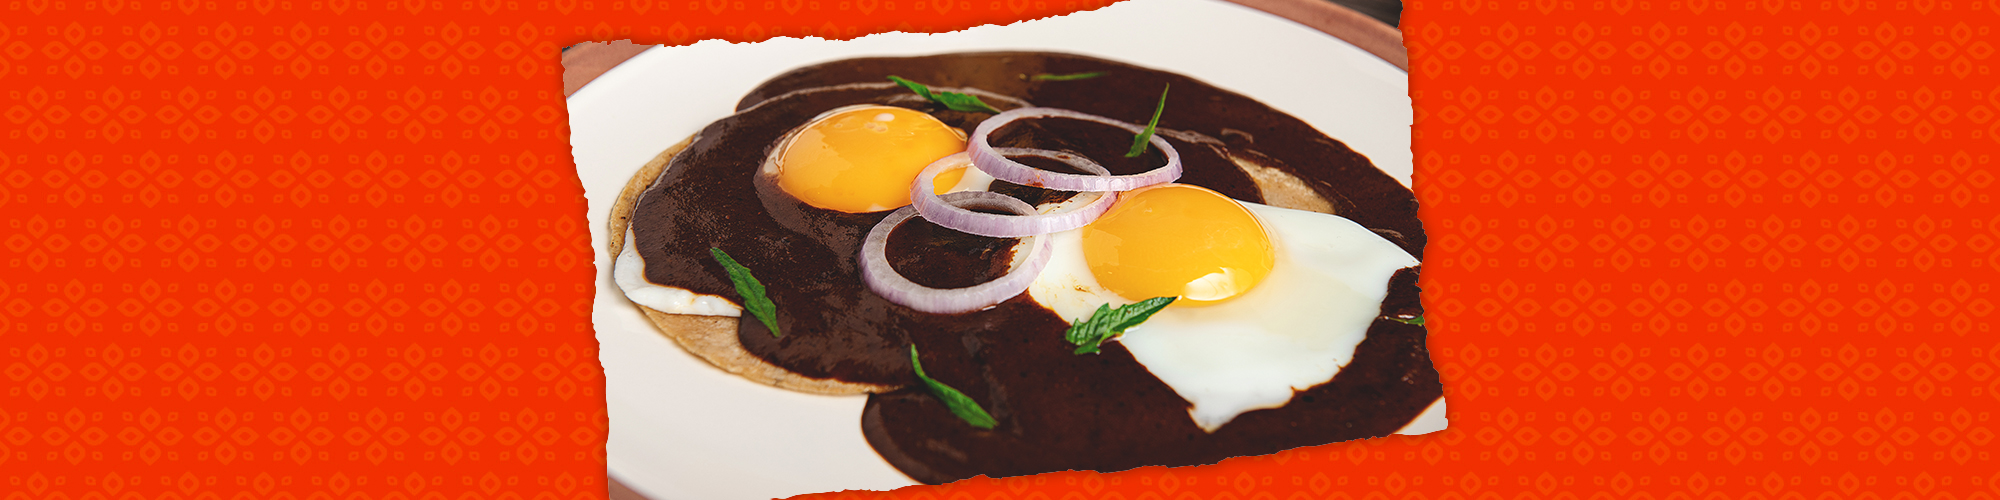 Salsas eggs with mole